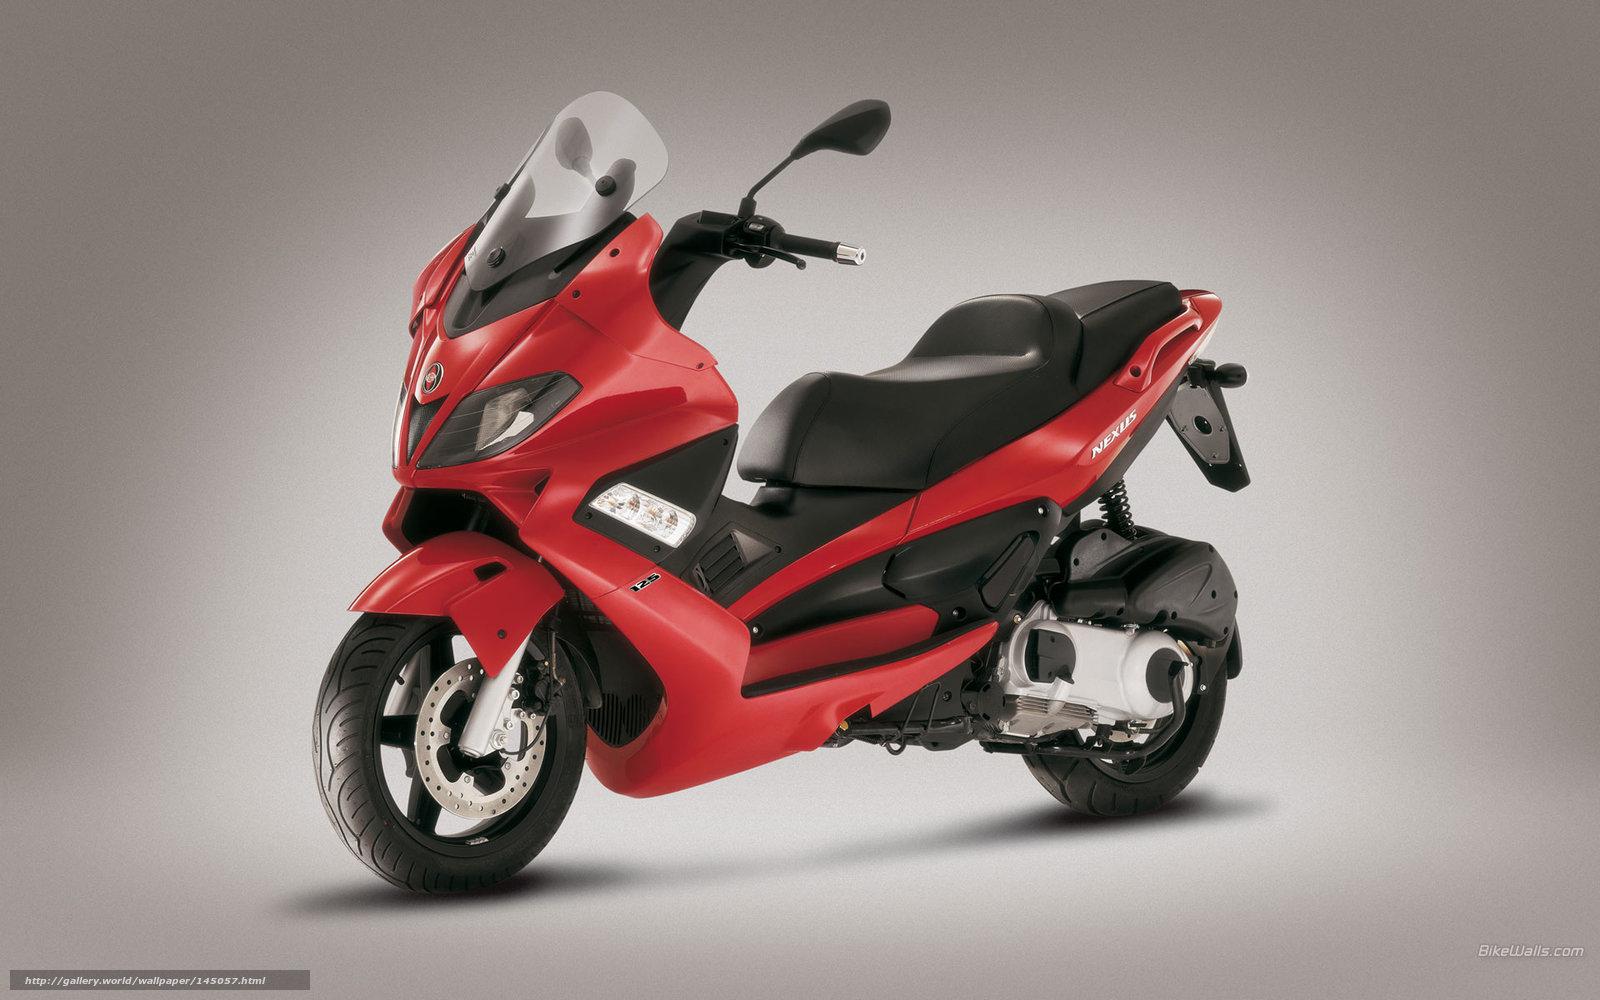 одном скутер похож на мотоцикл беспокоиться этот счет